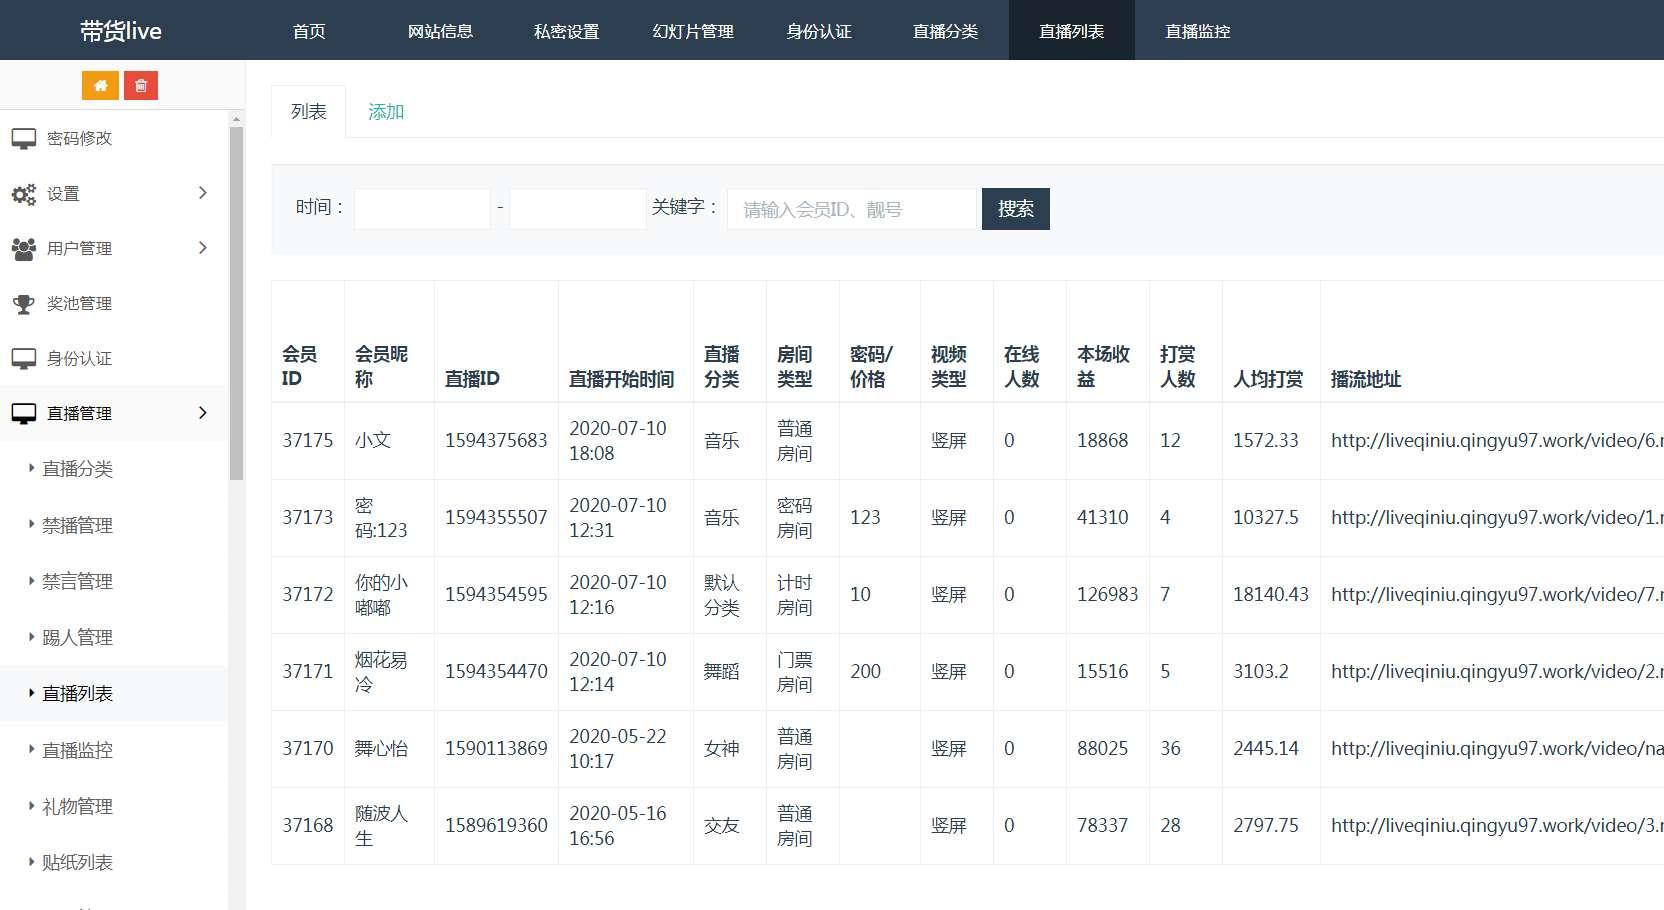 【直播源码】视频直播平台系统搭建开发(直播带货+视频打赏)